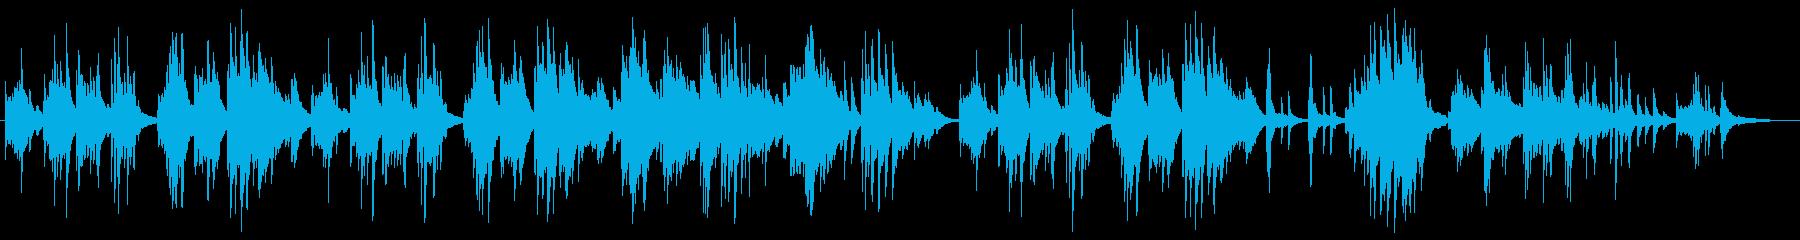 シンプルで心に響く切ないピアノバラードの再生済みの波形